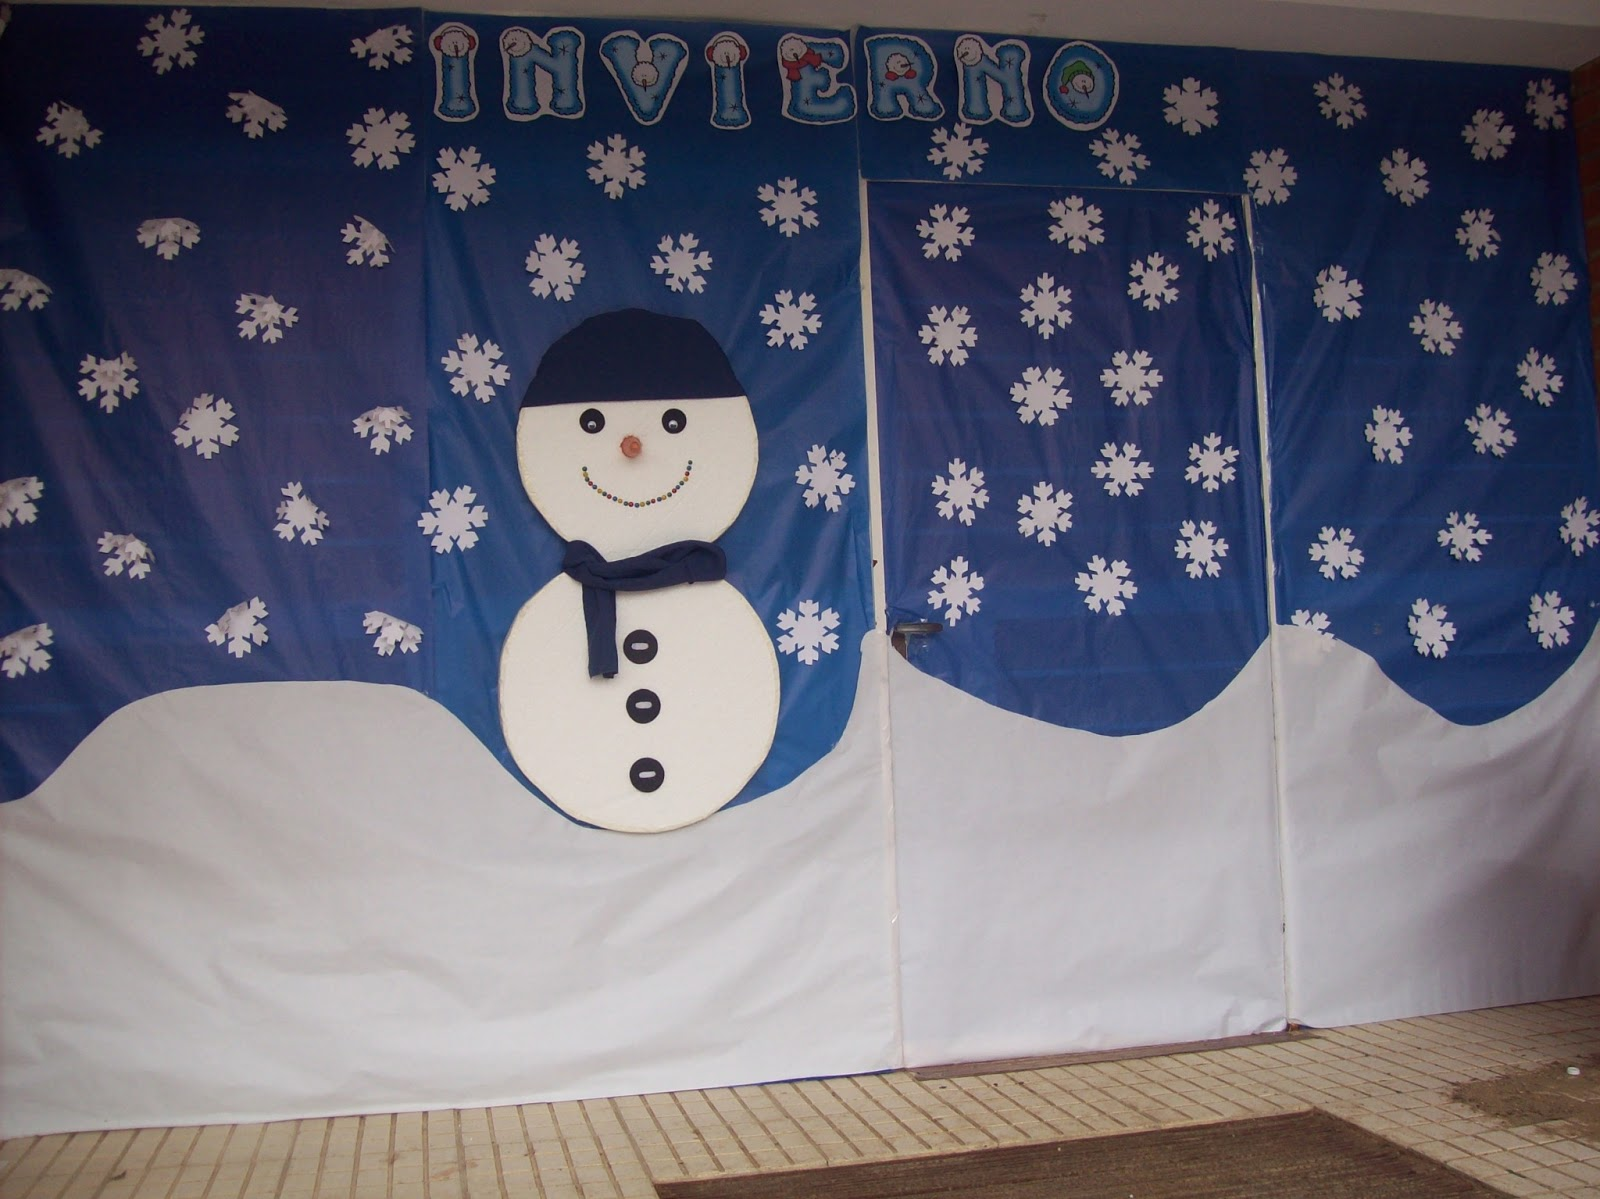 Decoracion Invierno Para Jardin Infantil ~ invierno (25)  Imagenes Educativas